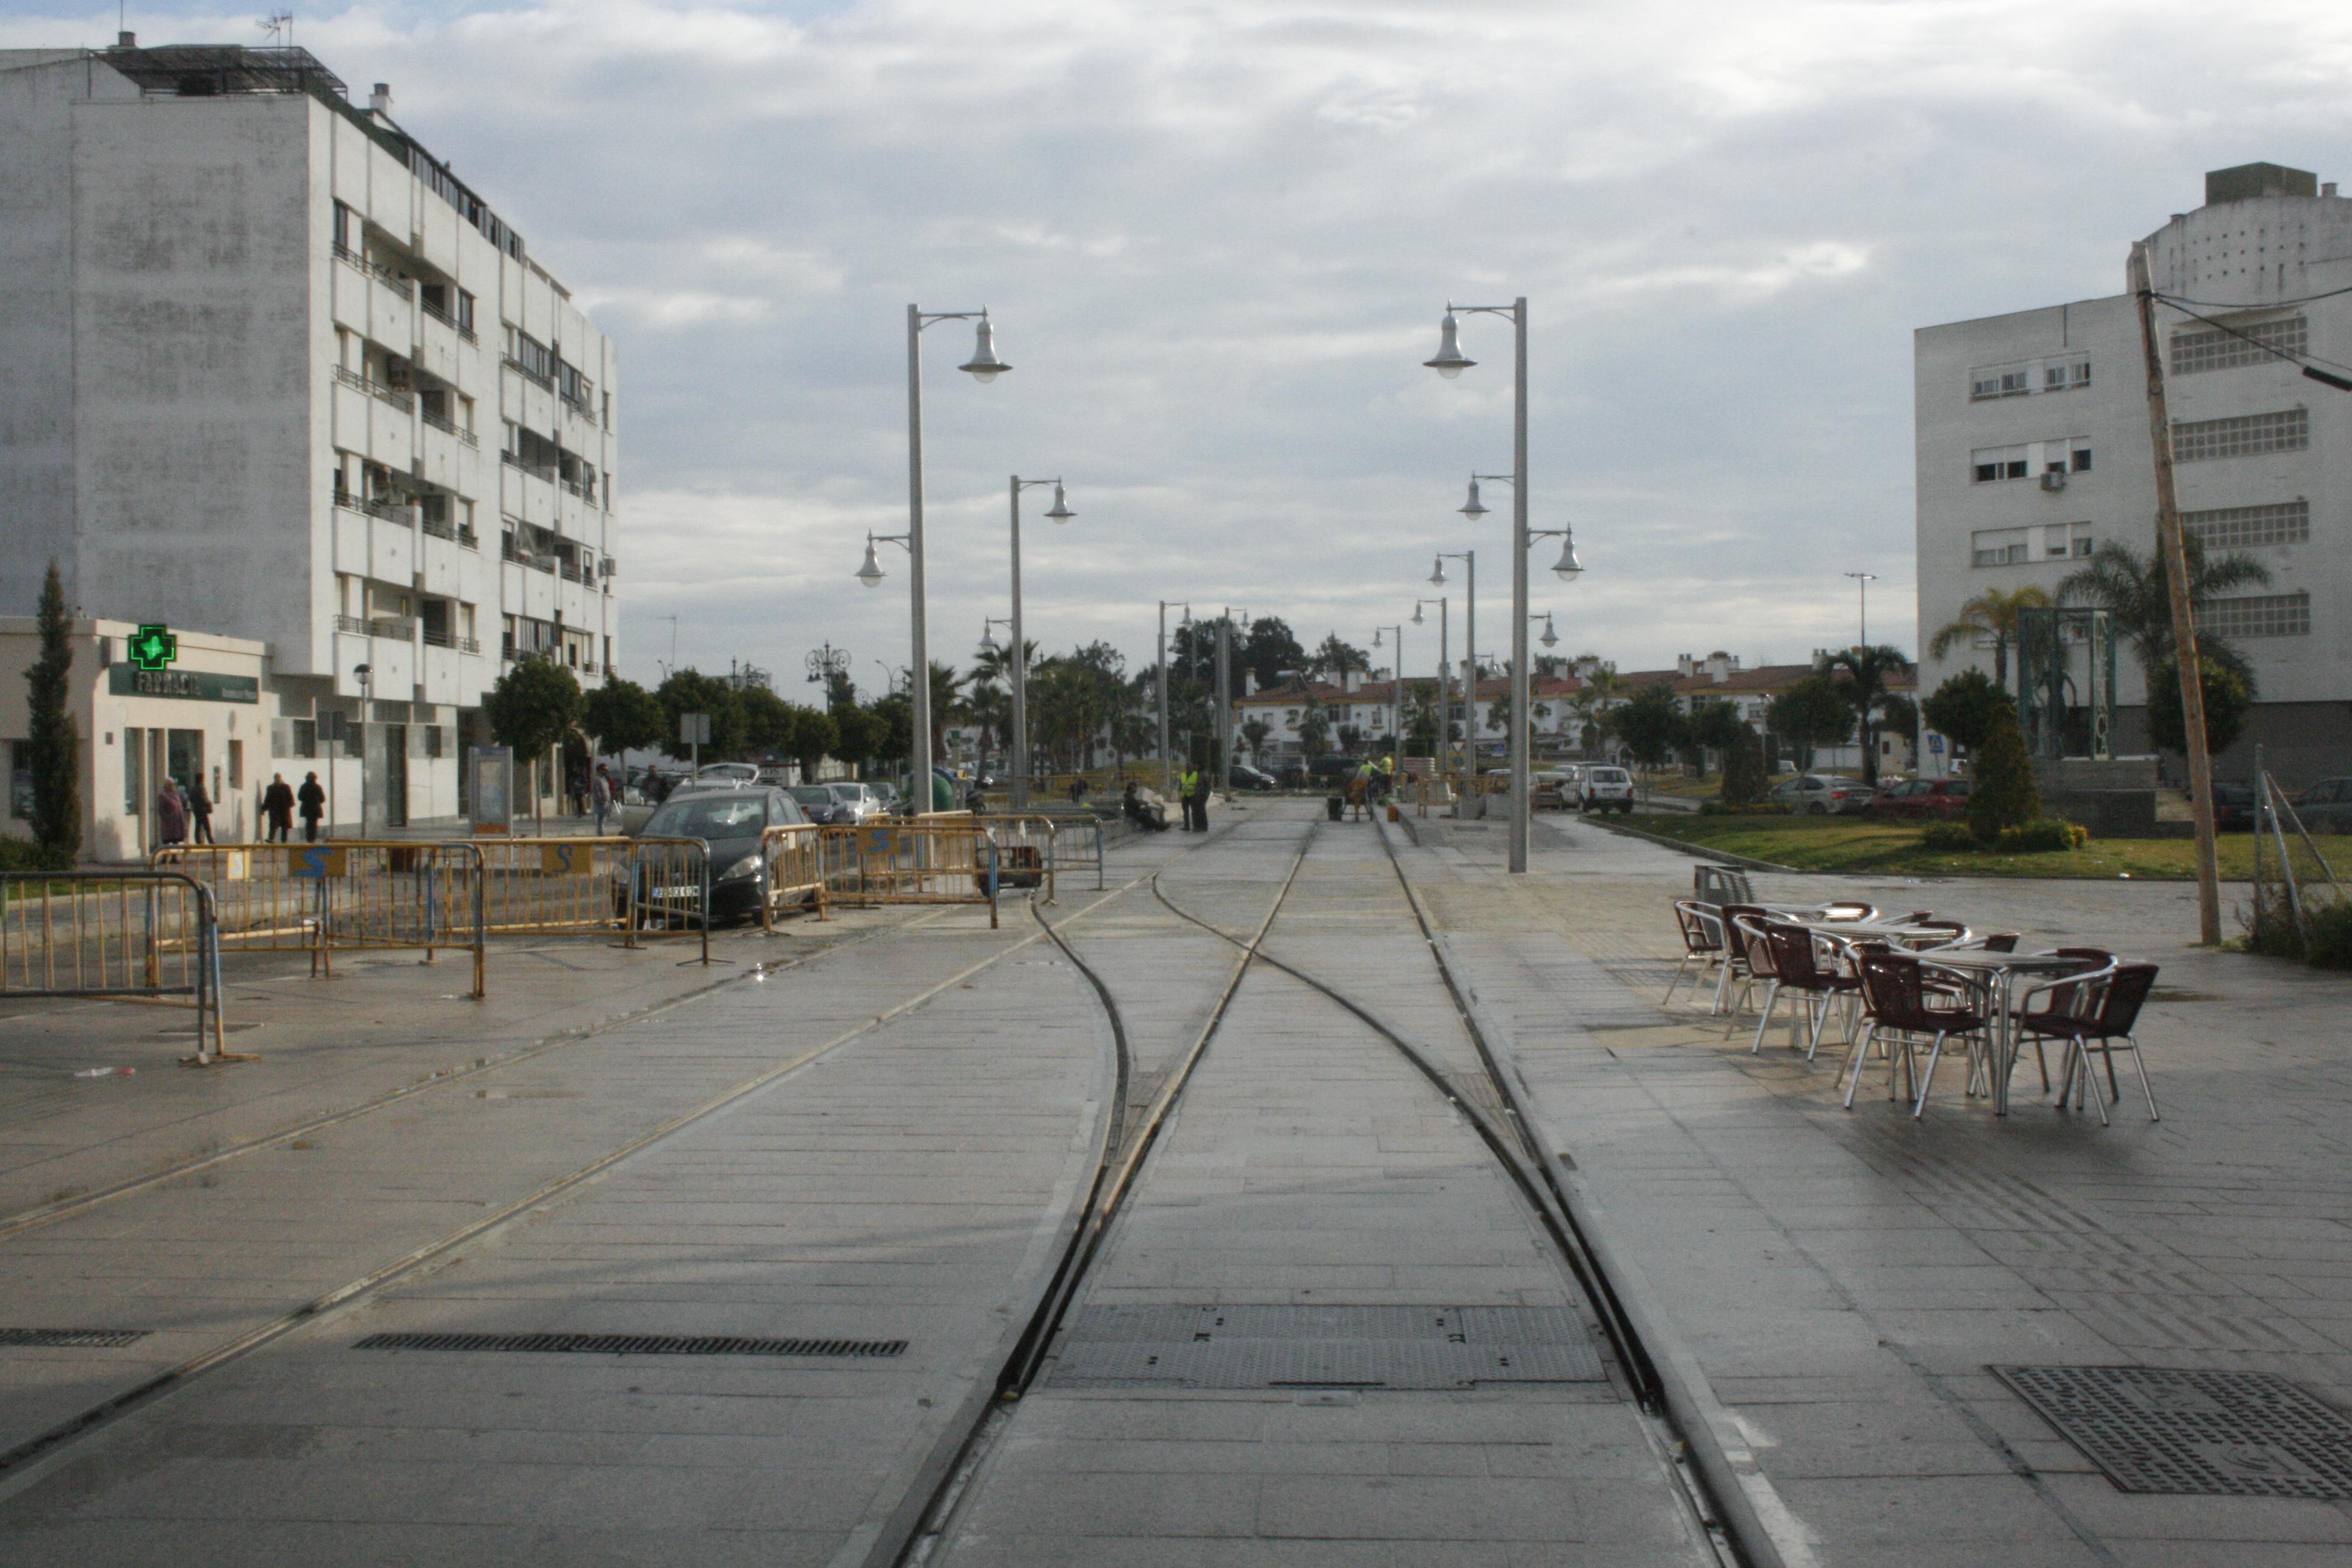 La subestación, ubicada en San Fernando, transformará la energía de alta tensión en la que requiere el tren para su fincionamiento.